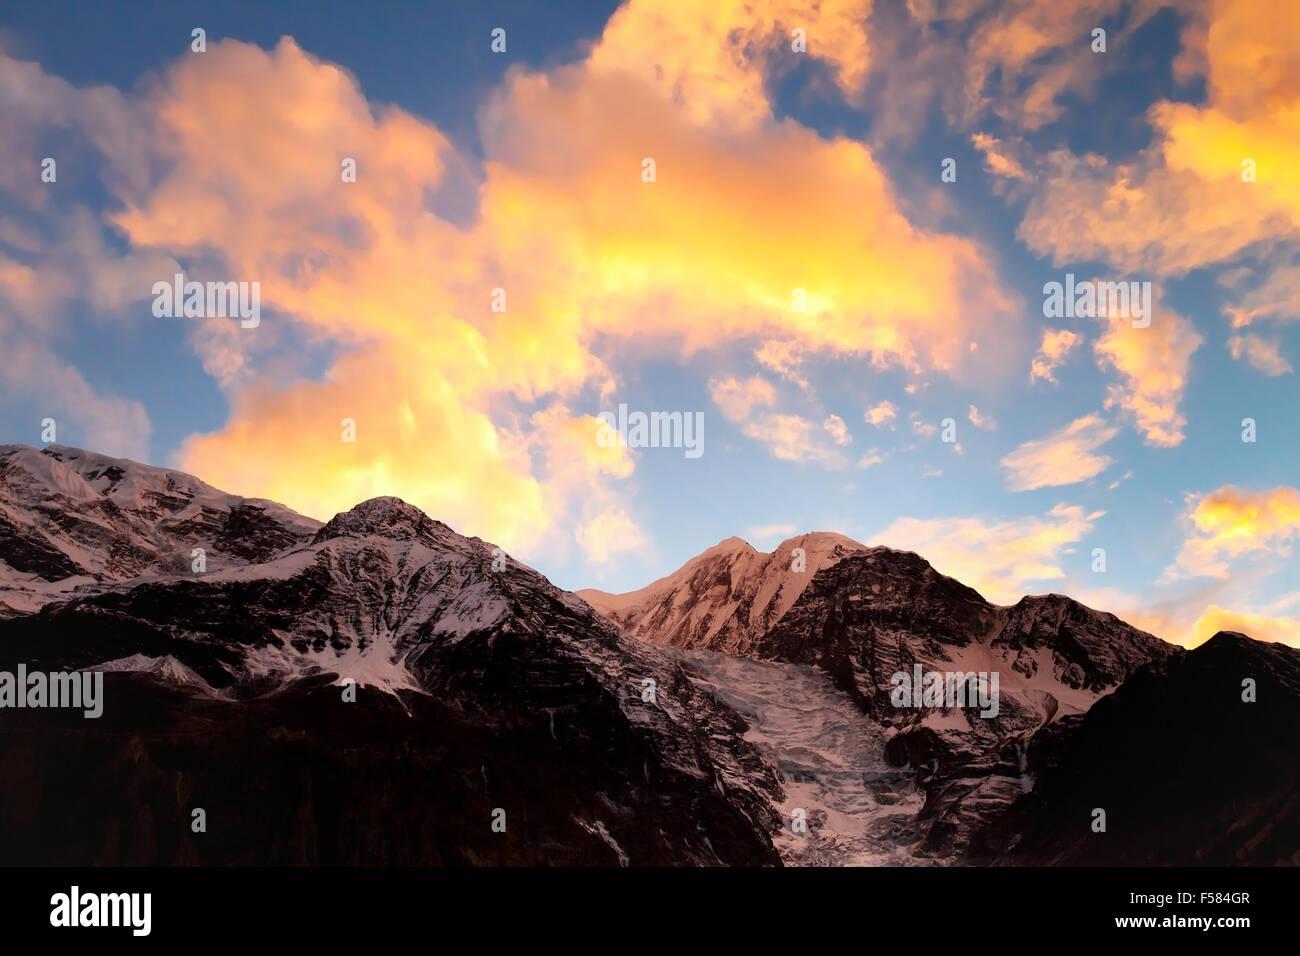 Himalaya Mountains at sunset Photo Stock